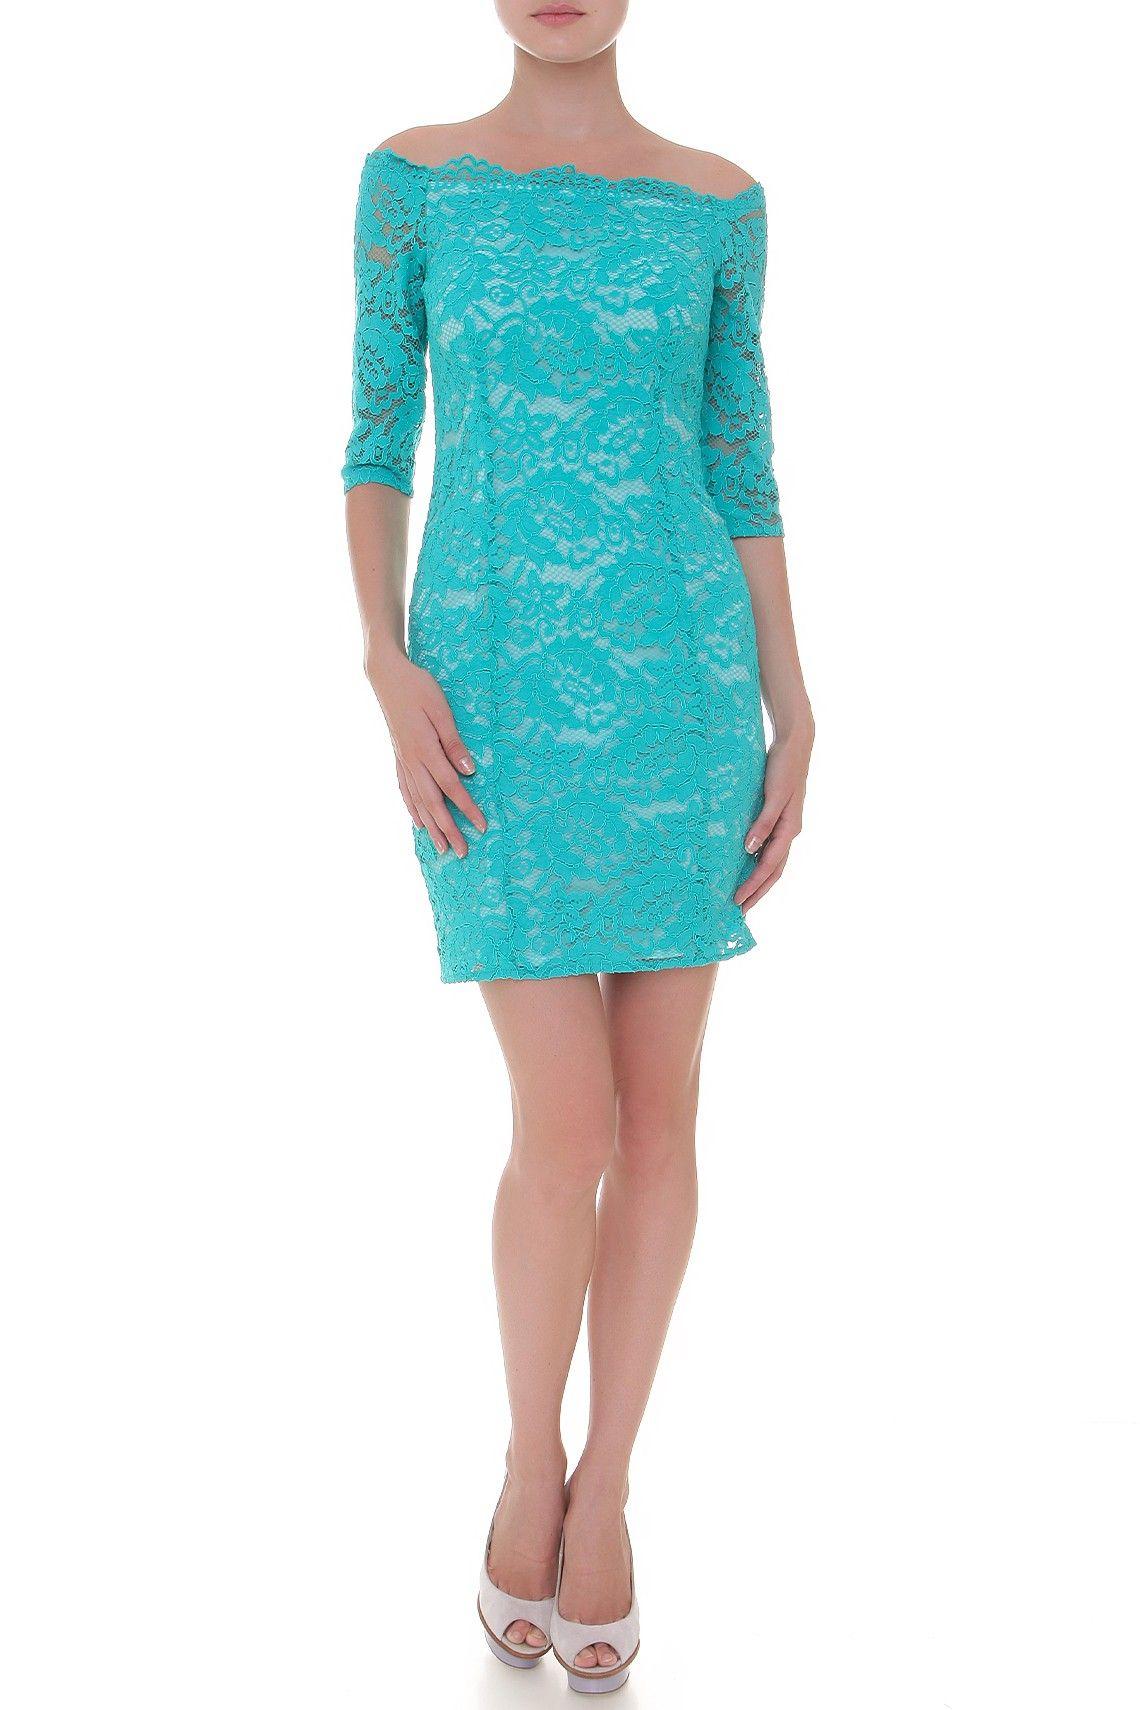 Платье облегающего покроя с укороченным рукавом, декорировано фирменным принтом. Материал: Коттон, полиамид http://oneclub.ua/plat-e-67649.html#product_option246